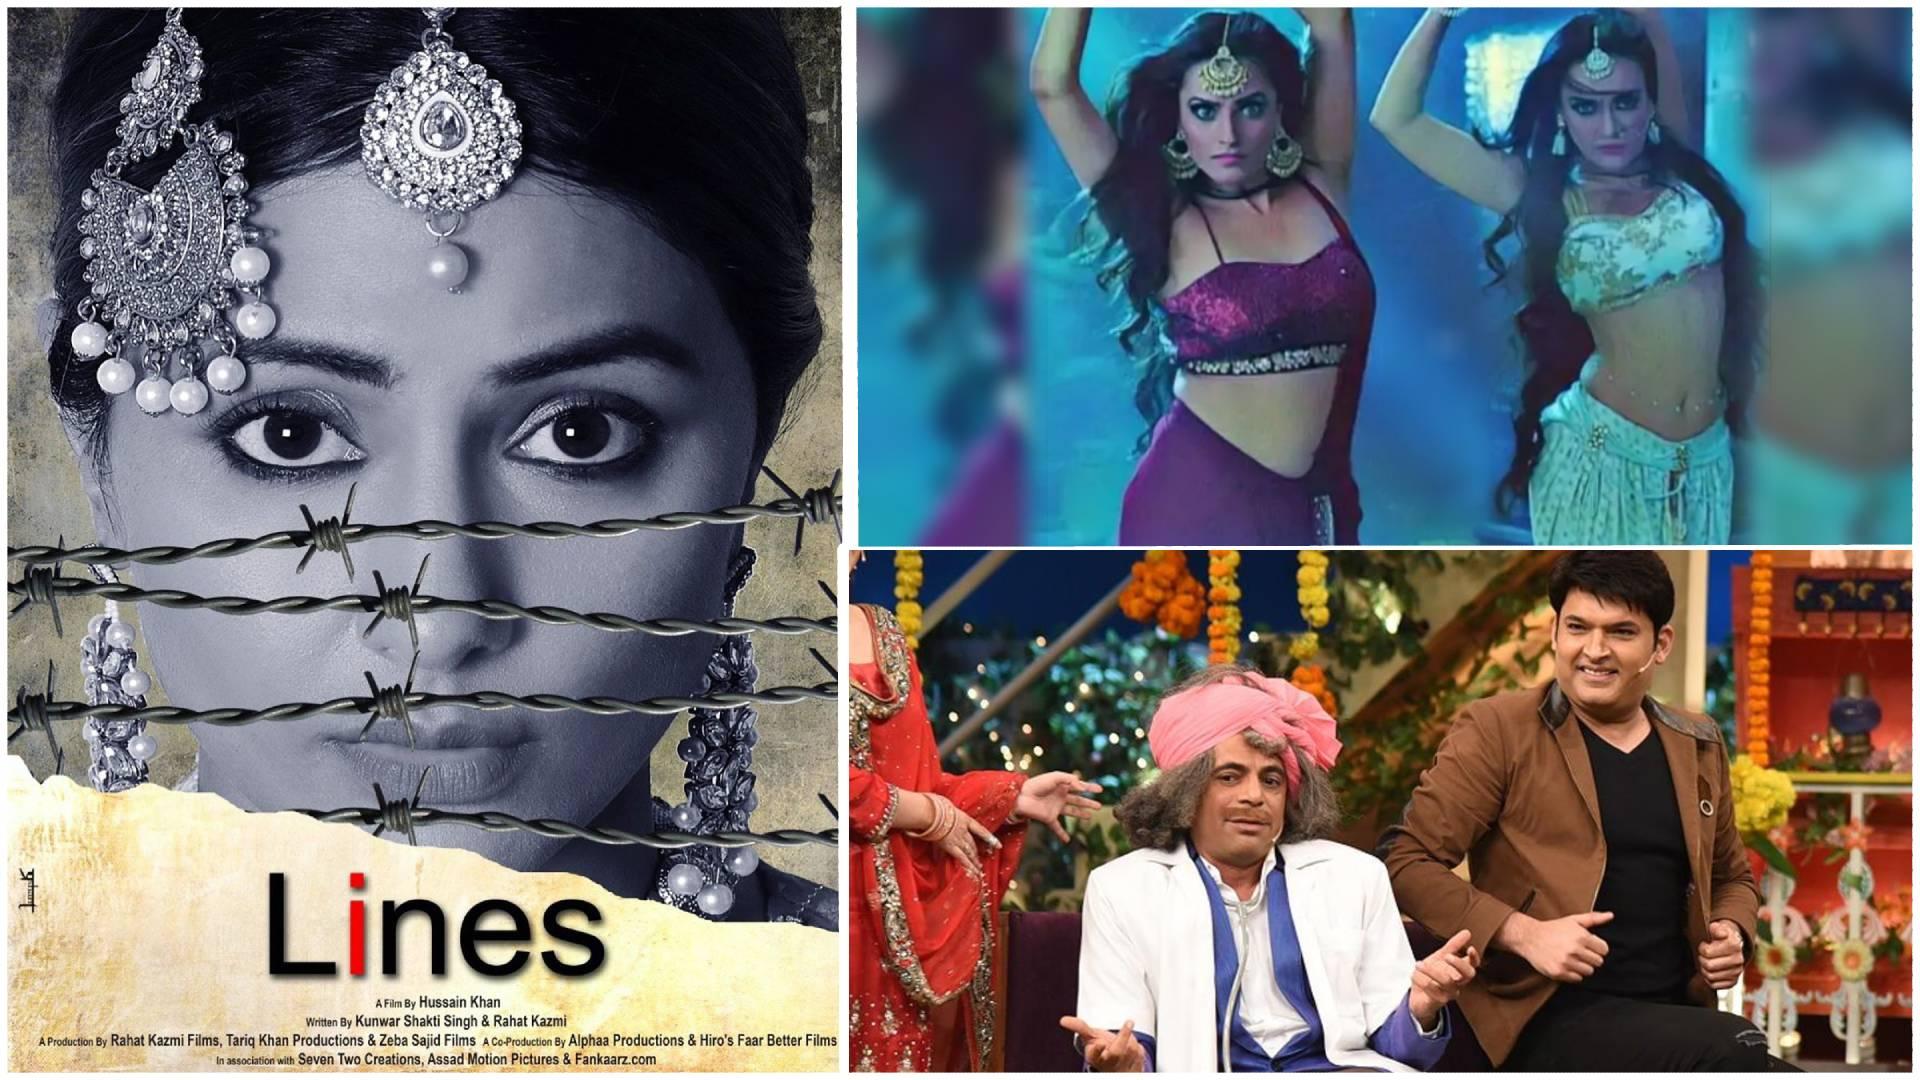 ट्रेंडिंग न्यूज: हिना खान की फिल्म का पोस्टर रिलीज, 24 साल बाद होगा बेला और शिवांगी की किस्मत का फैसला